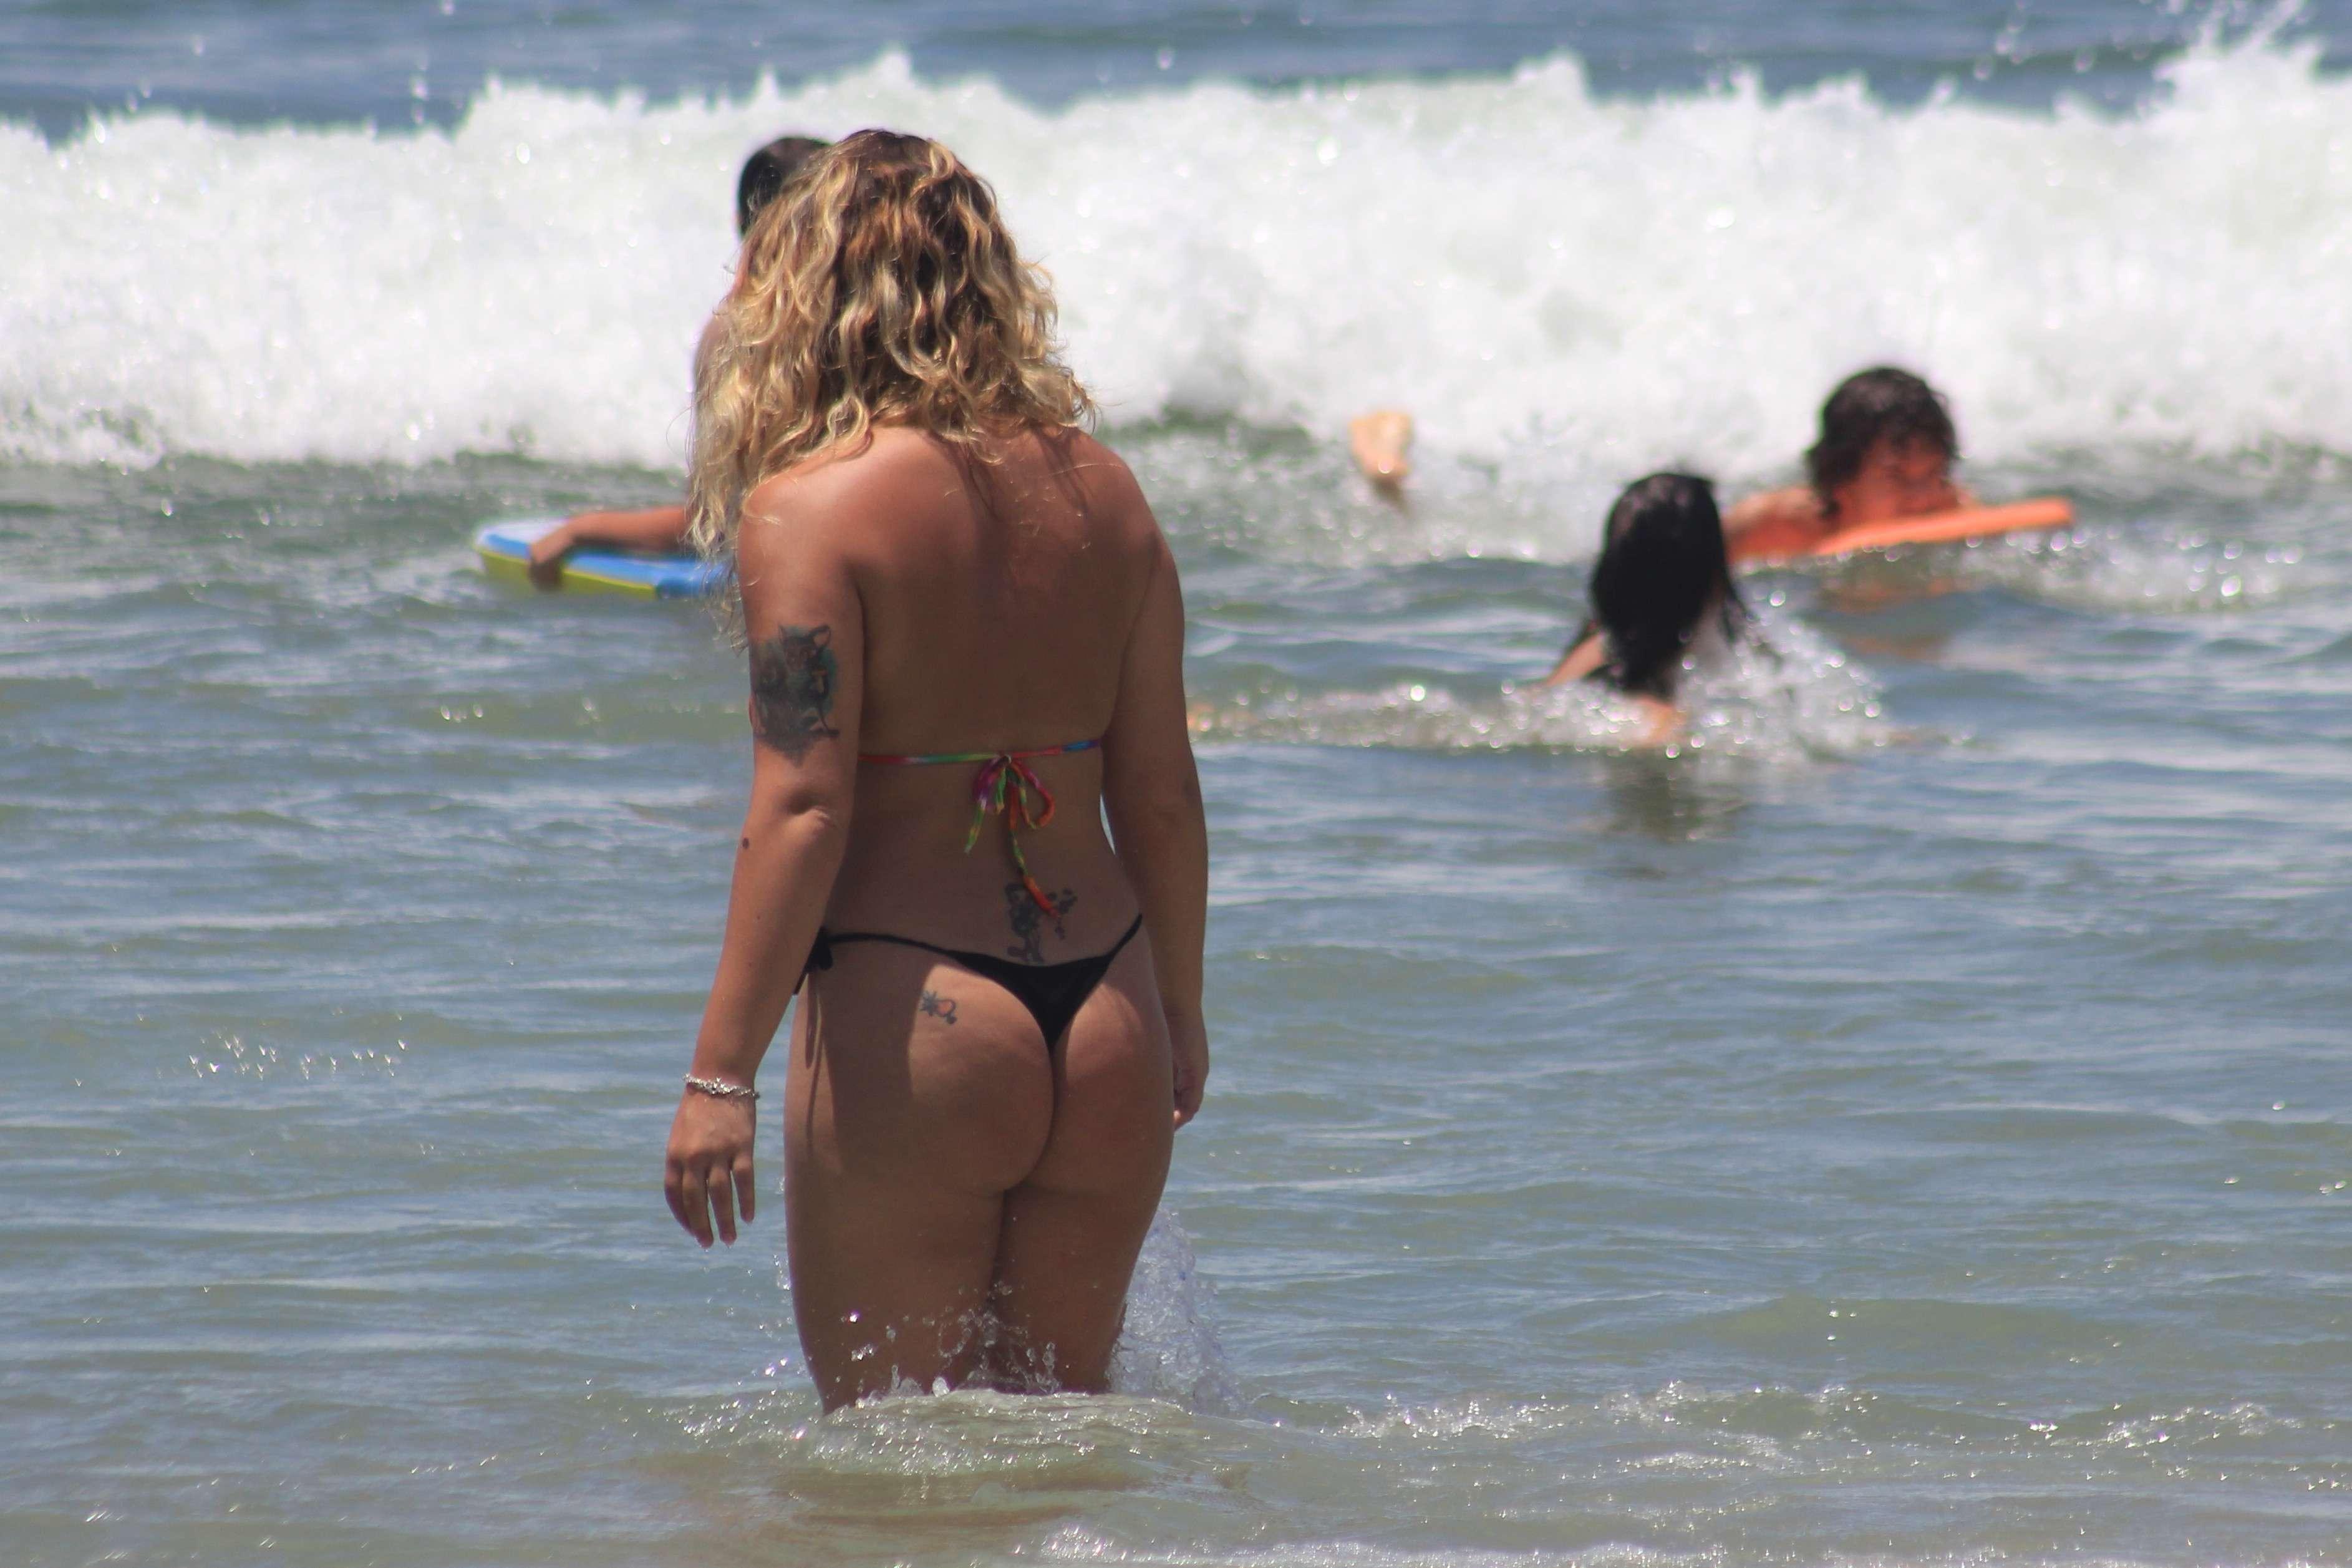 No sul da ilha de Santa Catarina, muitos banhistas aproveitaram o mar calmo das praias do Pântano do Sul e Açores para se refrescarem Foto: Fabricio Escandiuzzi/Especial para Terra